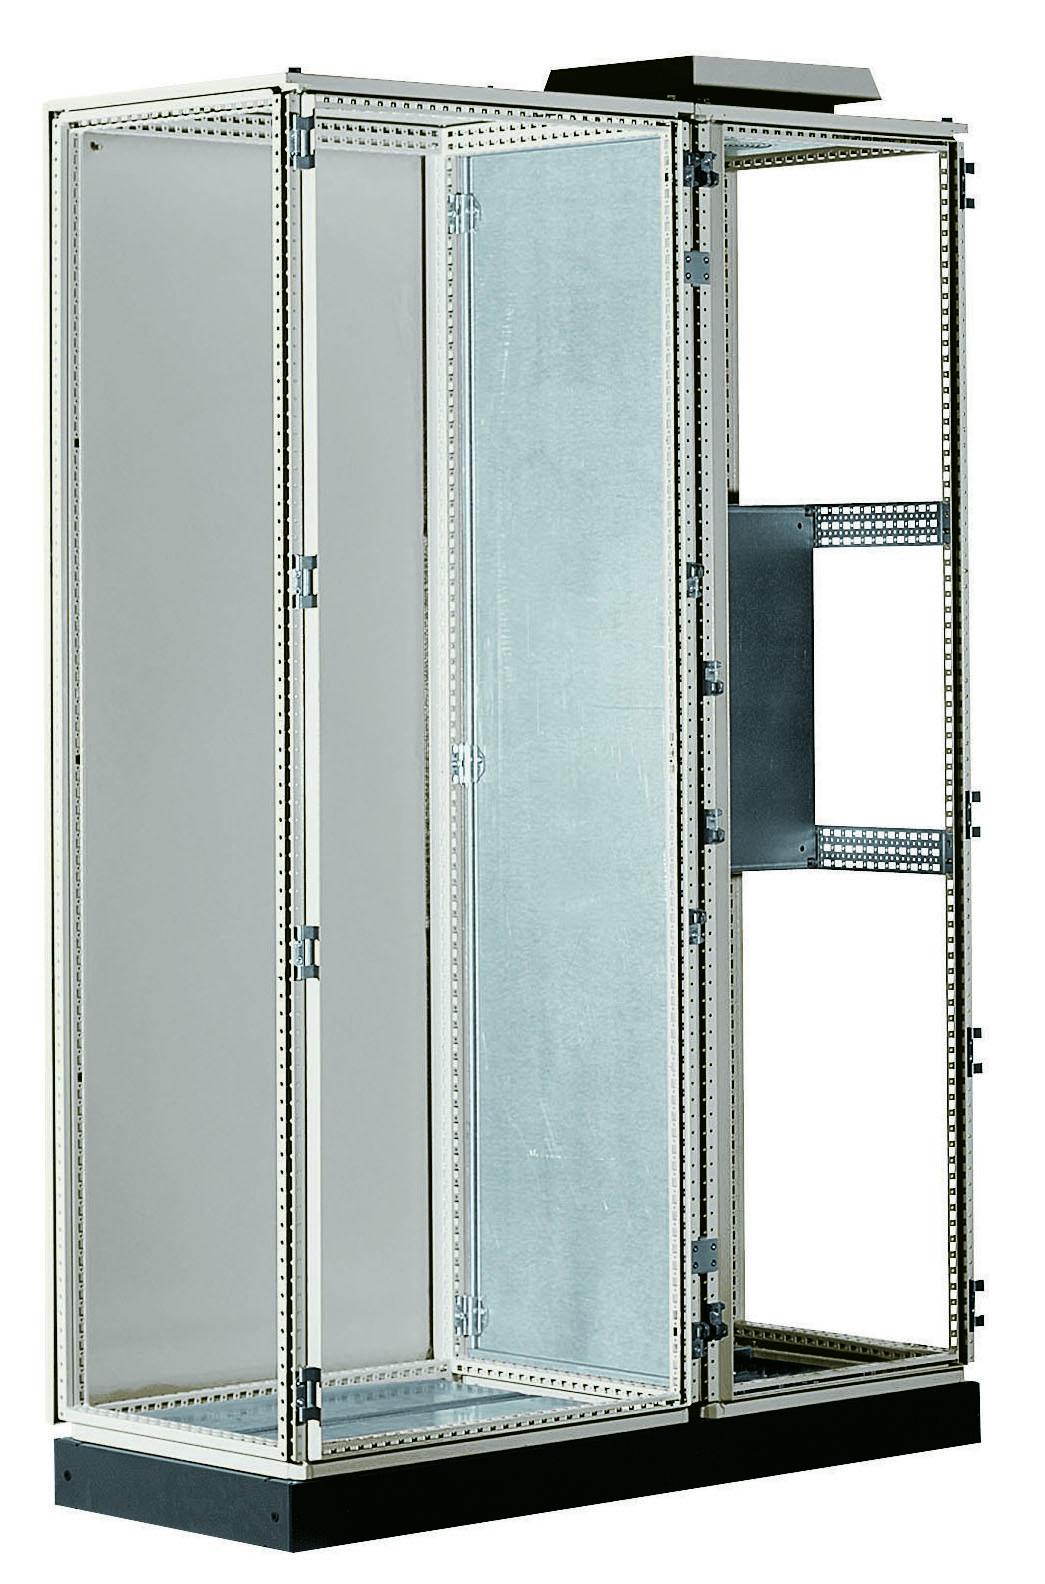 1 Stk Trennwand 2000x500mm ASTW2005--